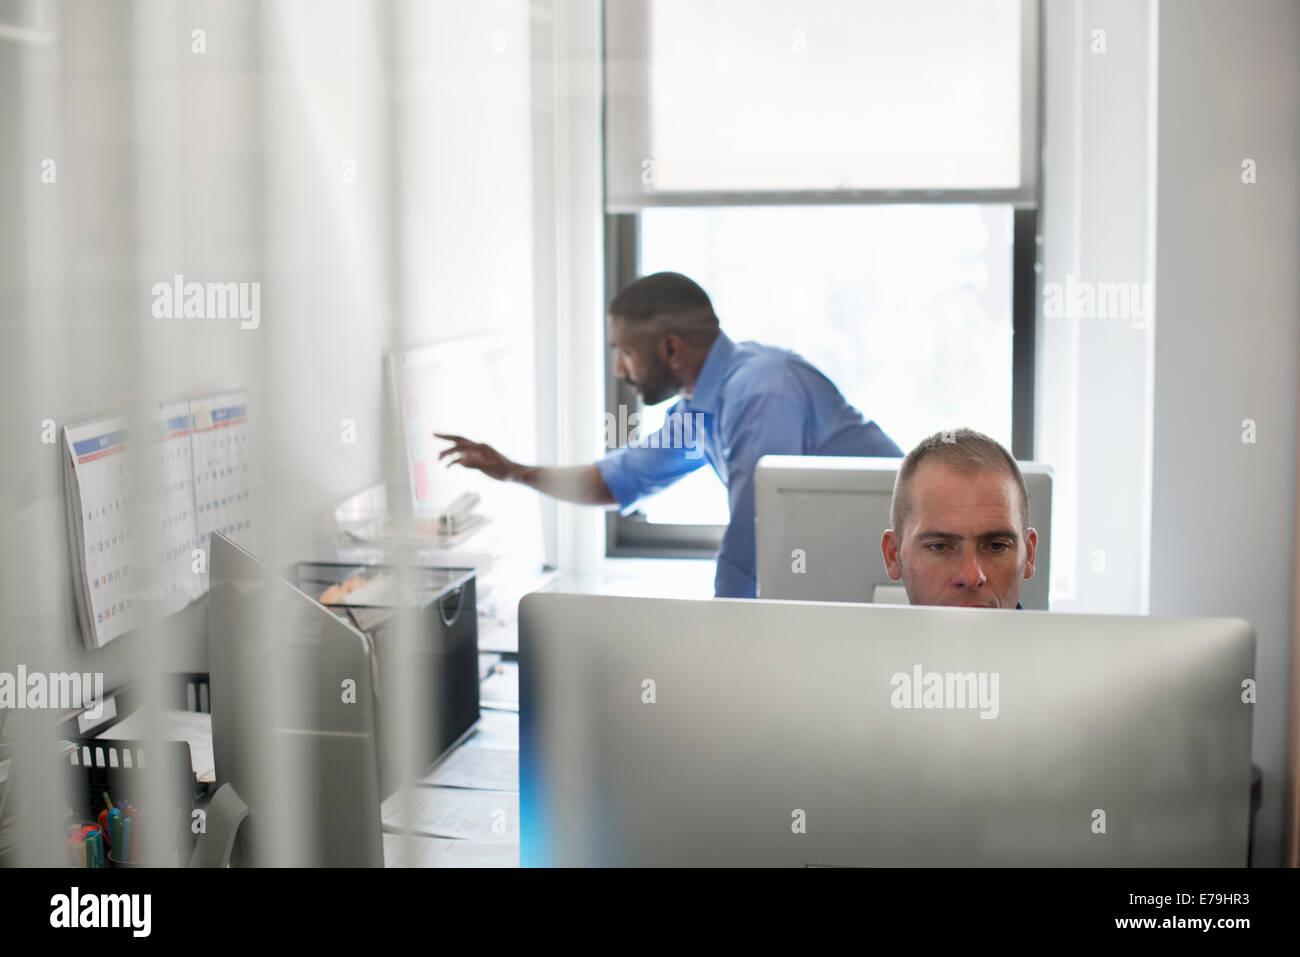 Un homme assis à un ordinateur, et l'un travaillant sur un tableau mural planner. Banque D'Images